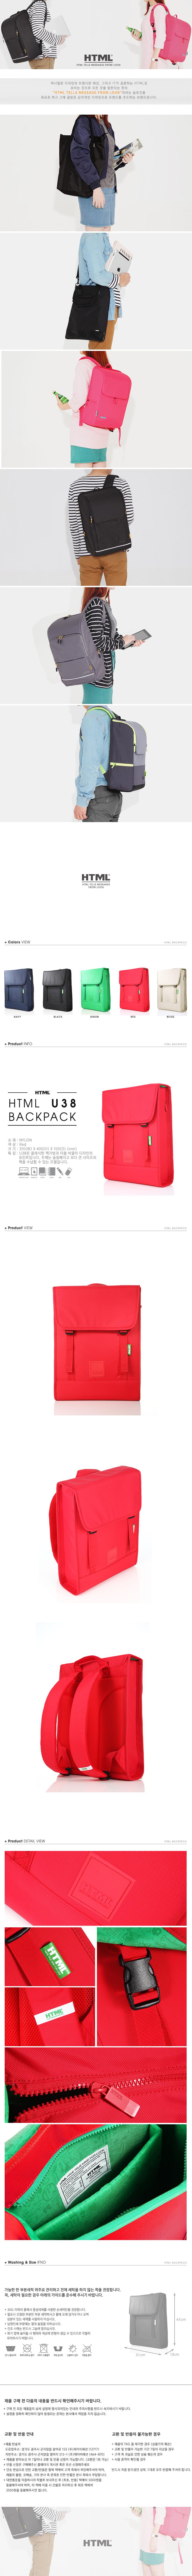 [에이치티엠엘]HTML - U38 backpack (Red)_인기백팩